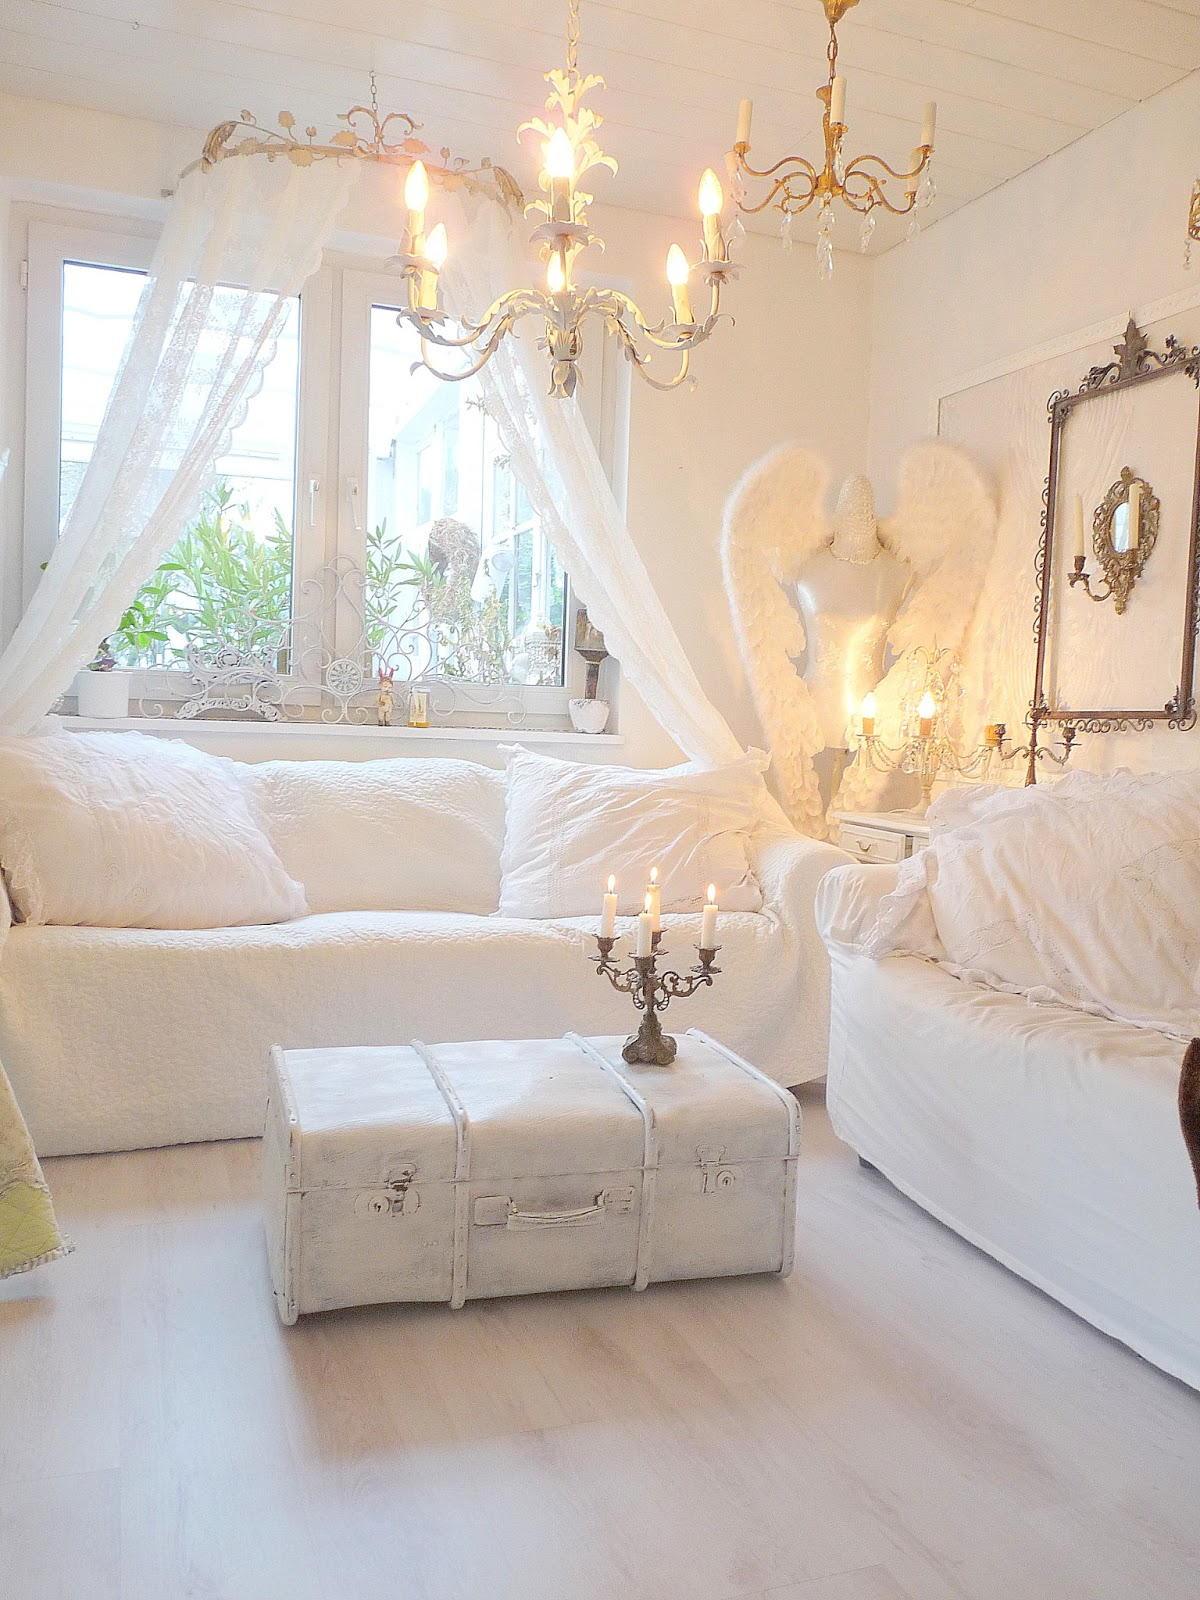 heavens ros cottage ein toller start ins neue jahr 2013. Black Bedroom Furniture Sets. Home Design Ideas